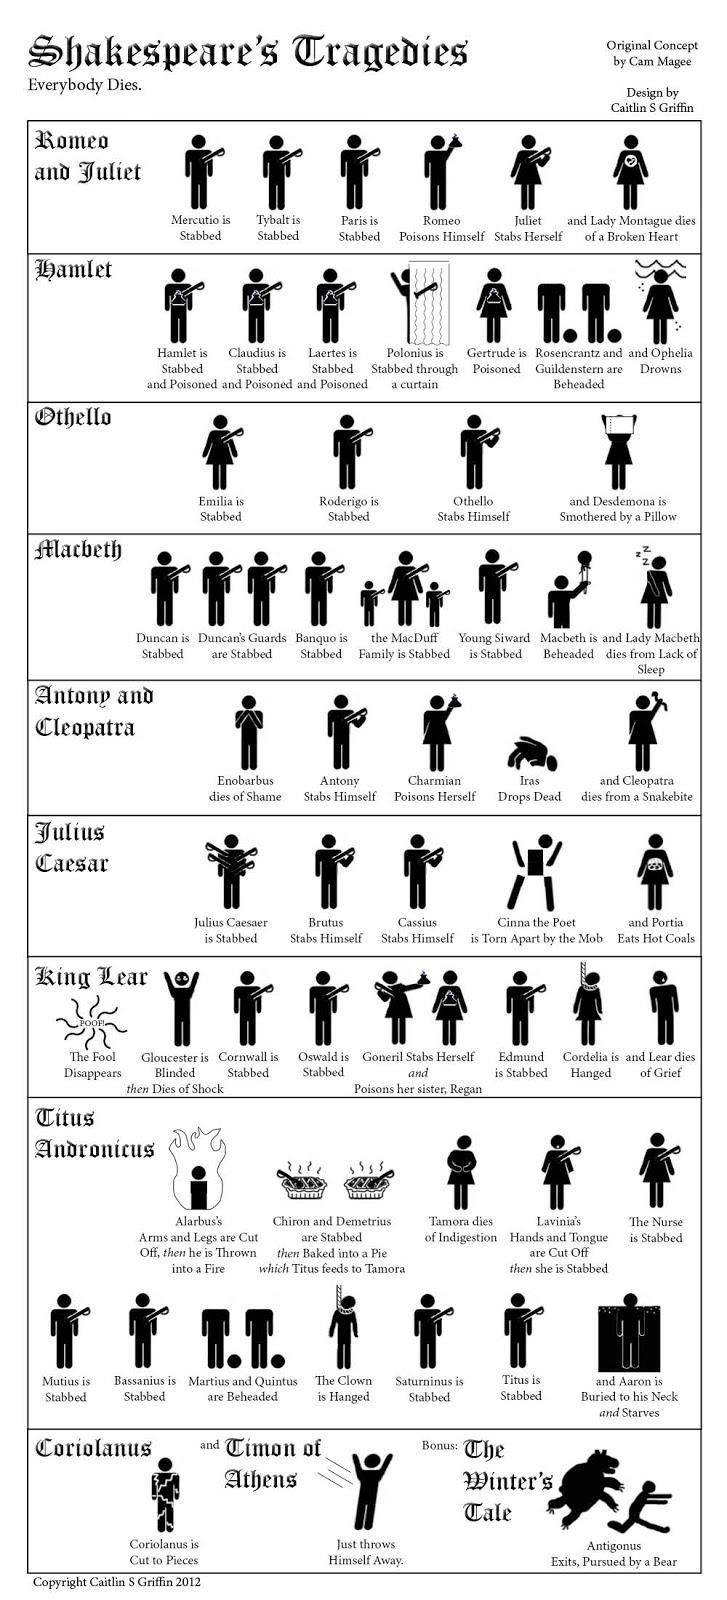 44 best Shakespeare images on Pinterest | Literature, Shakespeare ...